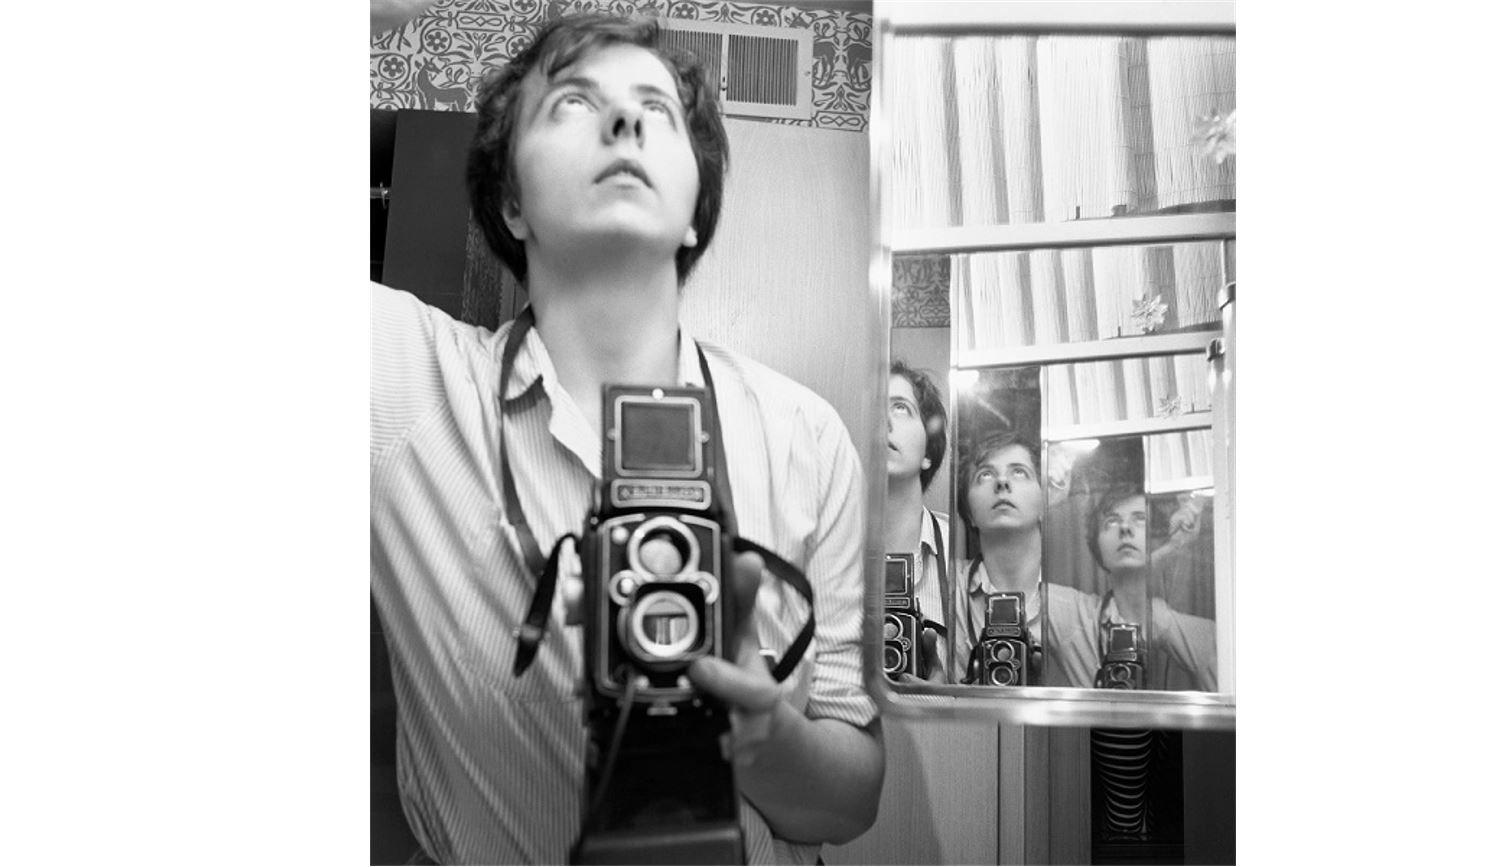 Le musée du Luxembourg consacre une exposition inédite consacrée à la photographe franco-américaine Vivian Maier.